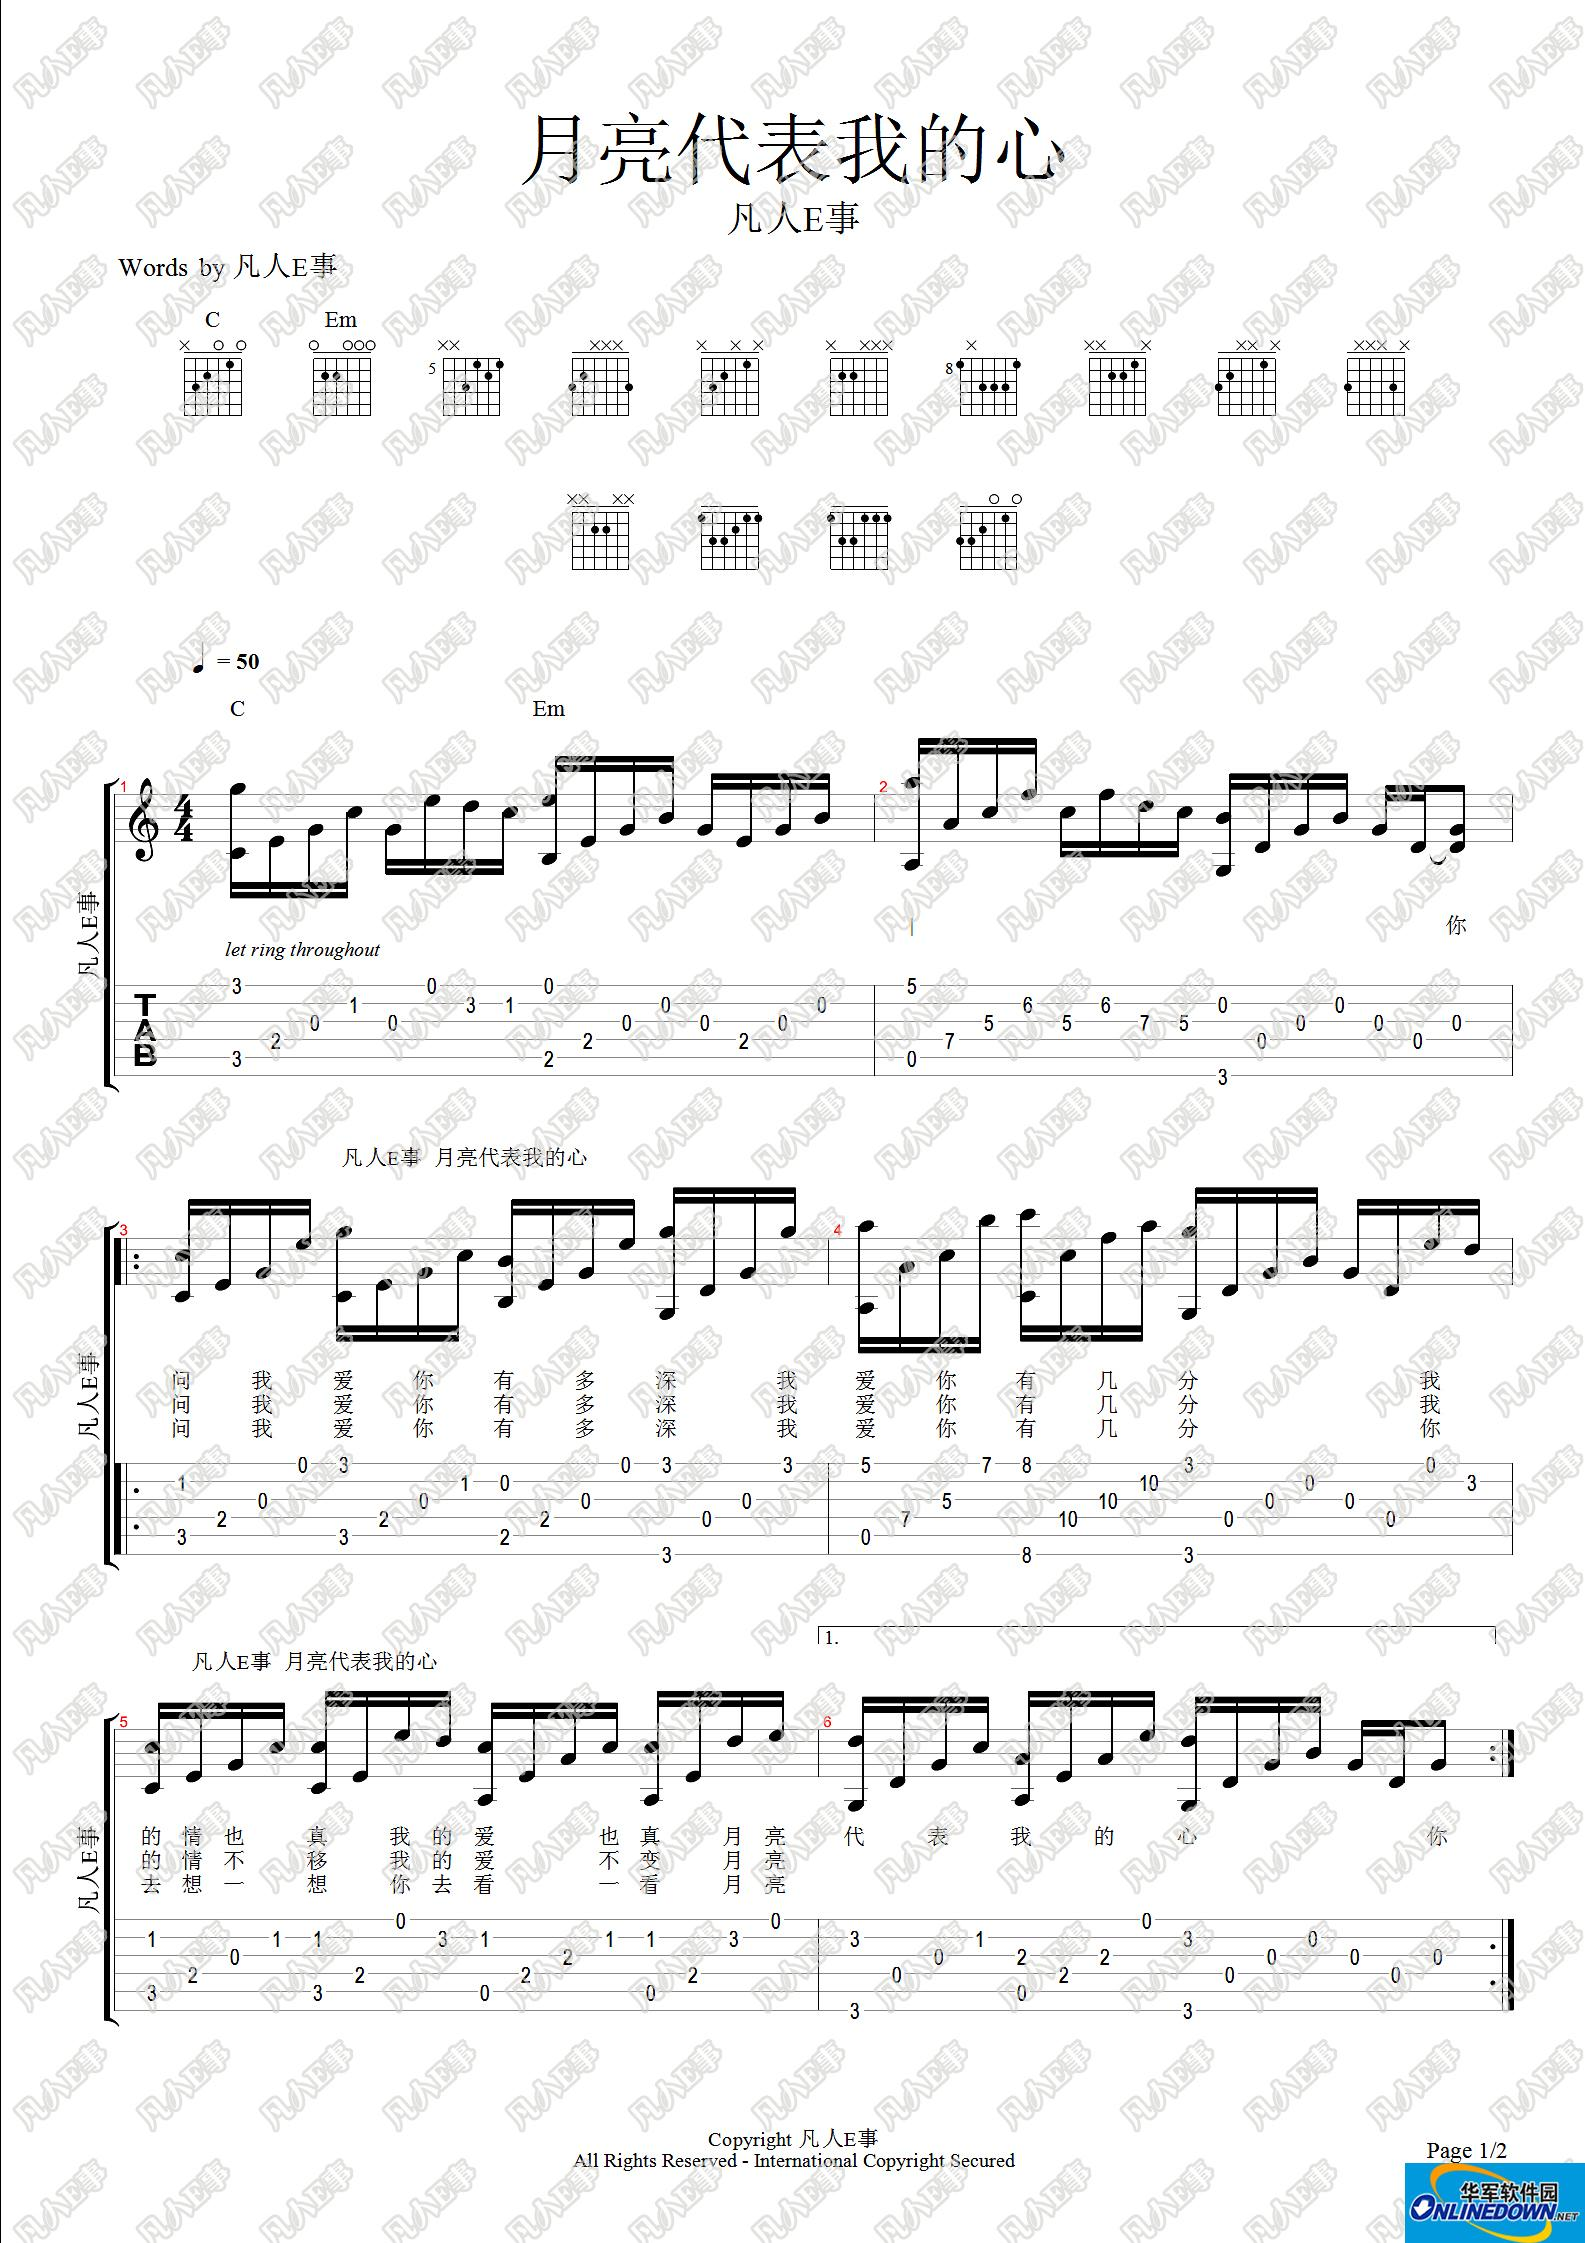 吉他电脑合成示范音乐与高清乐谱同步学习课件分享